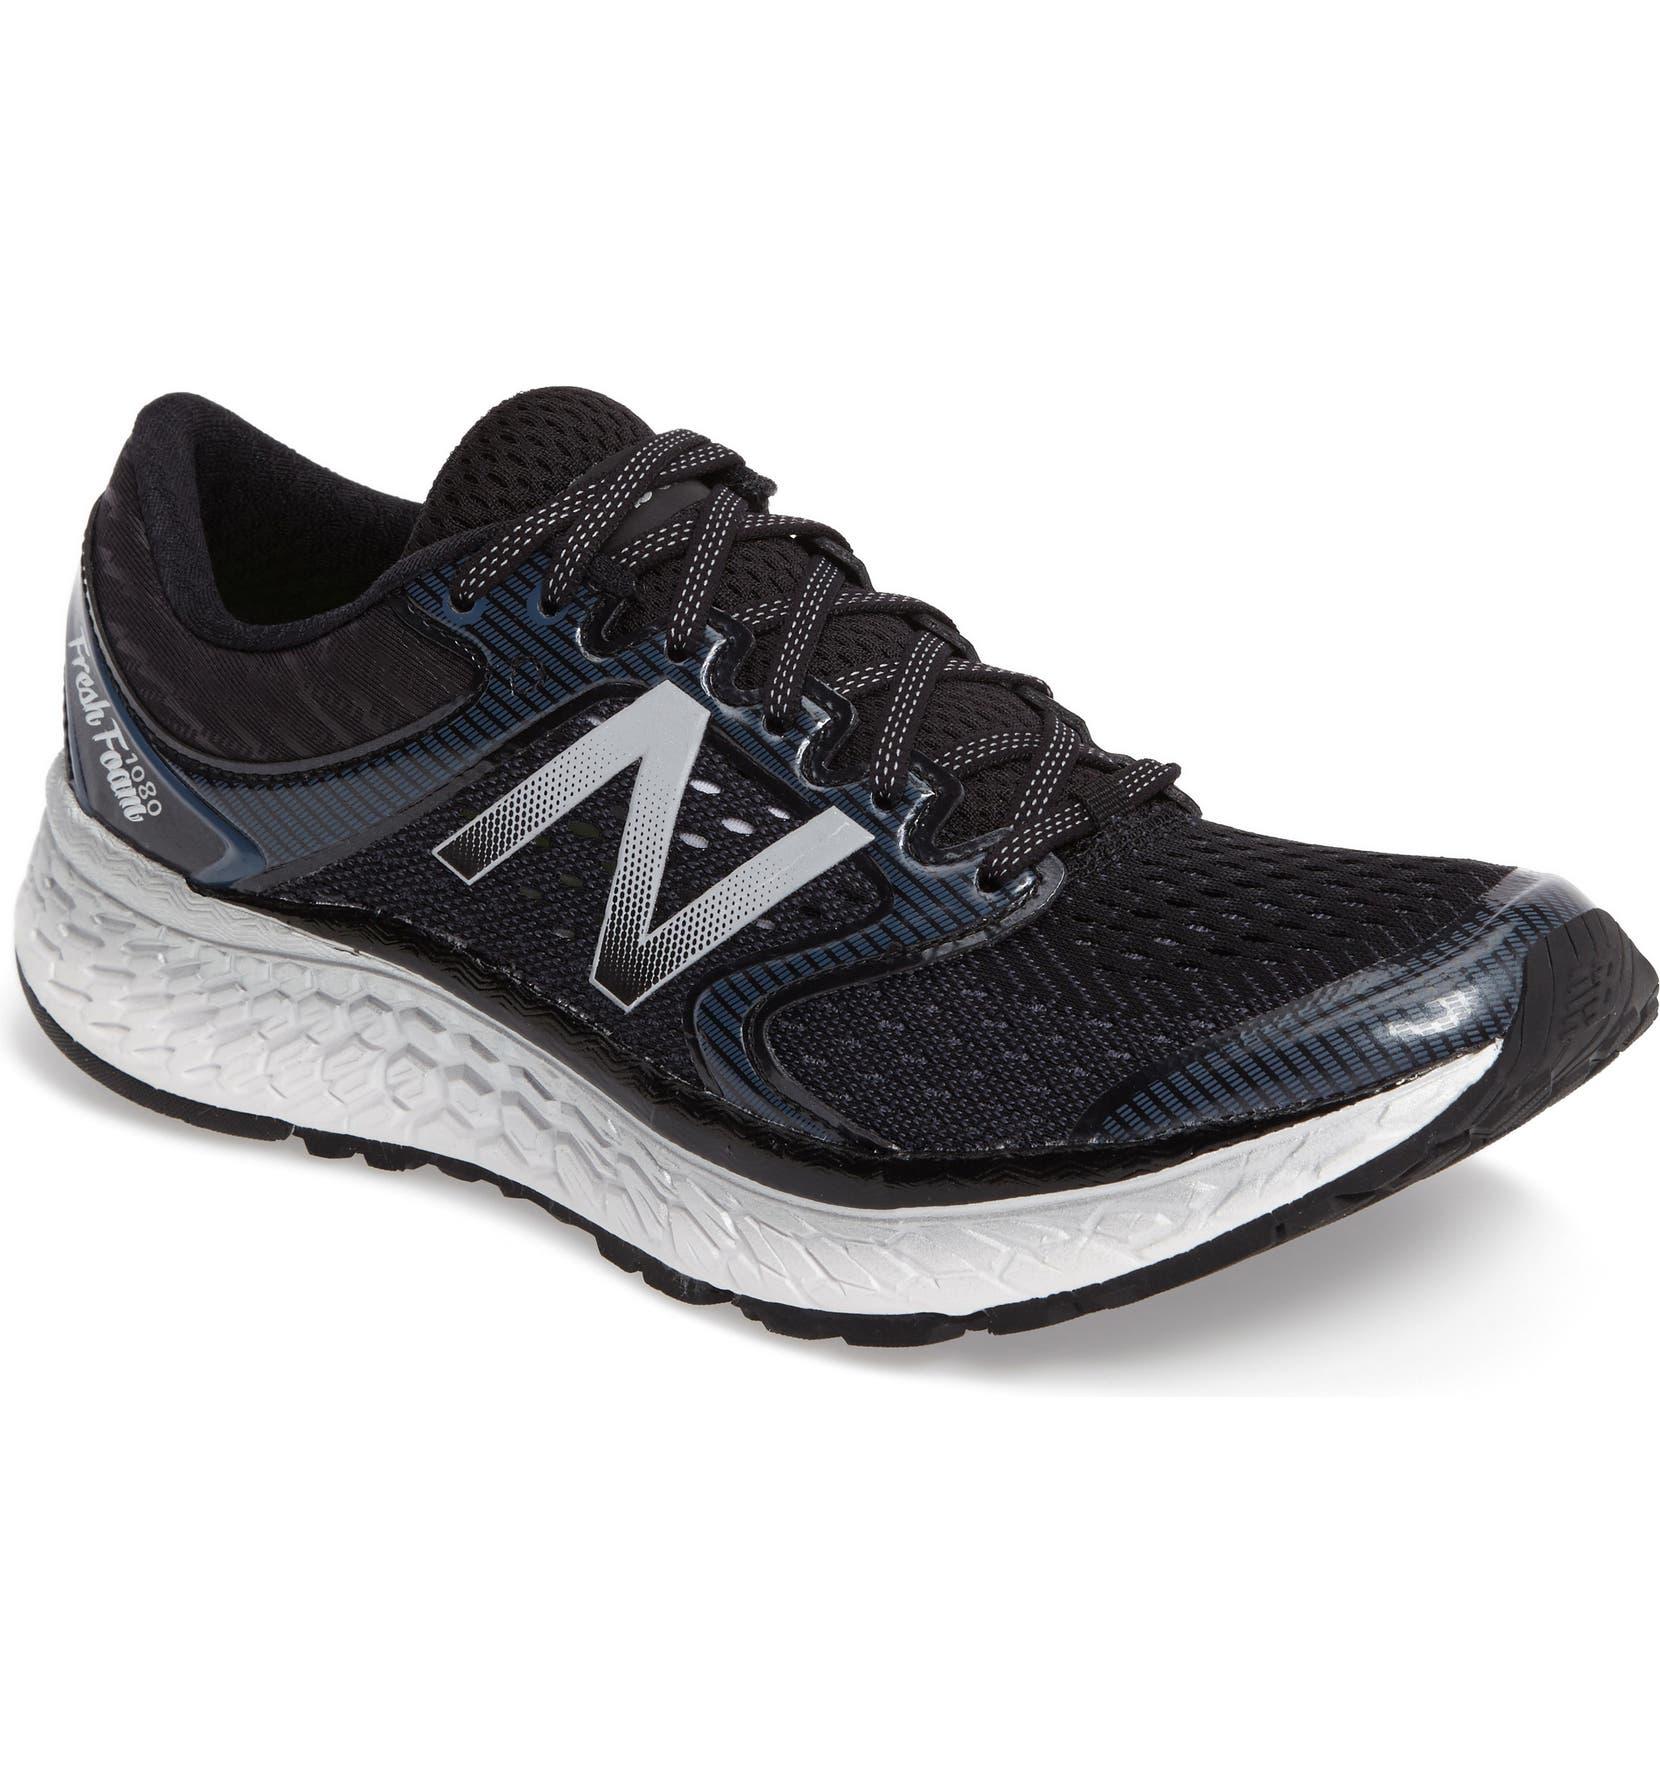 best cheap 40459 4c44f New Balance Fresh Foam 1080v7 Running Shoe (Men) | Nordstrom